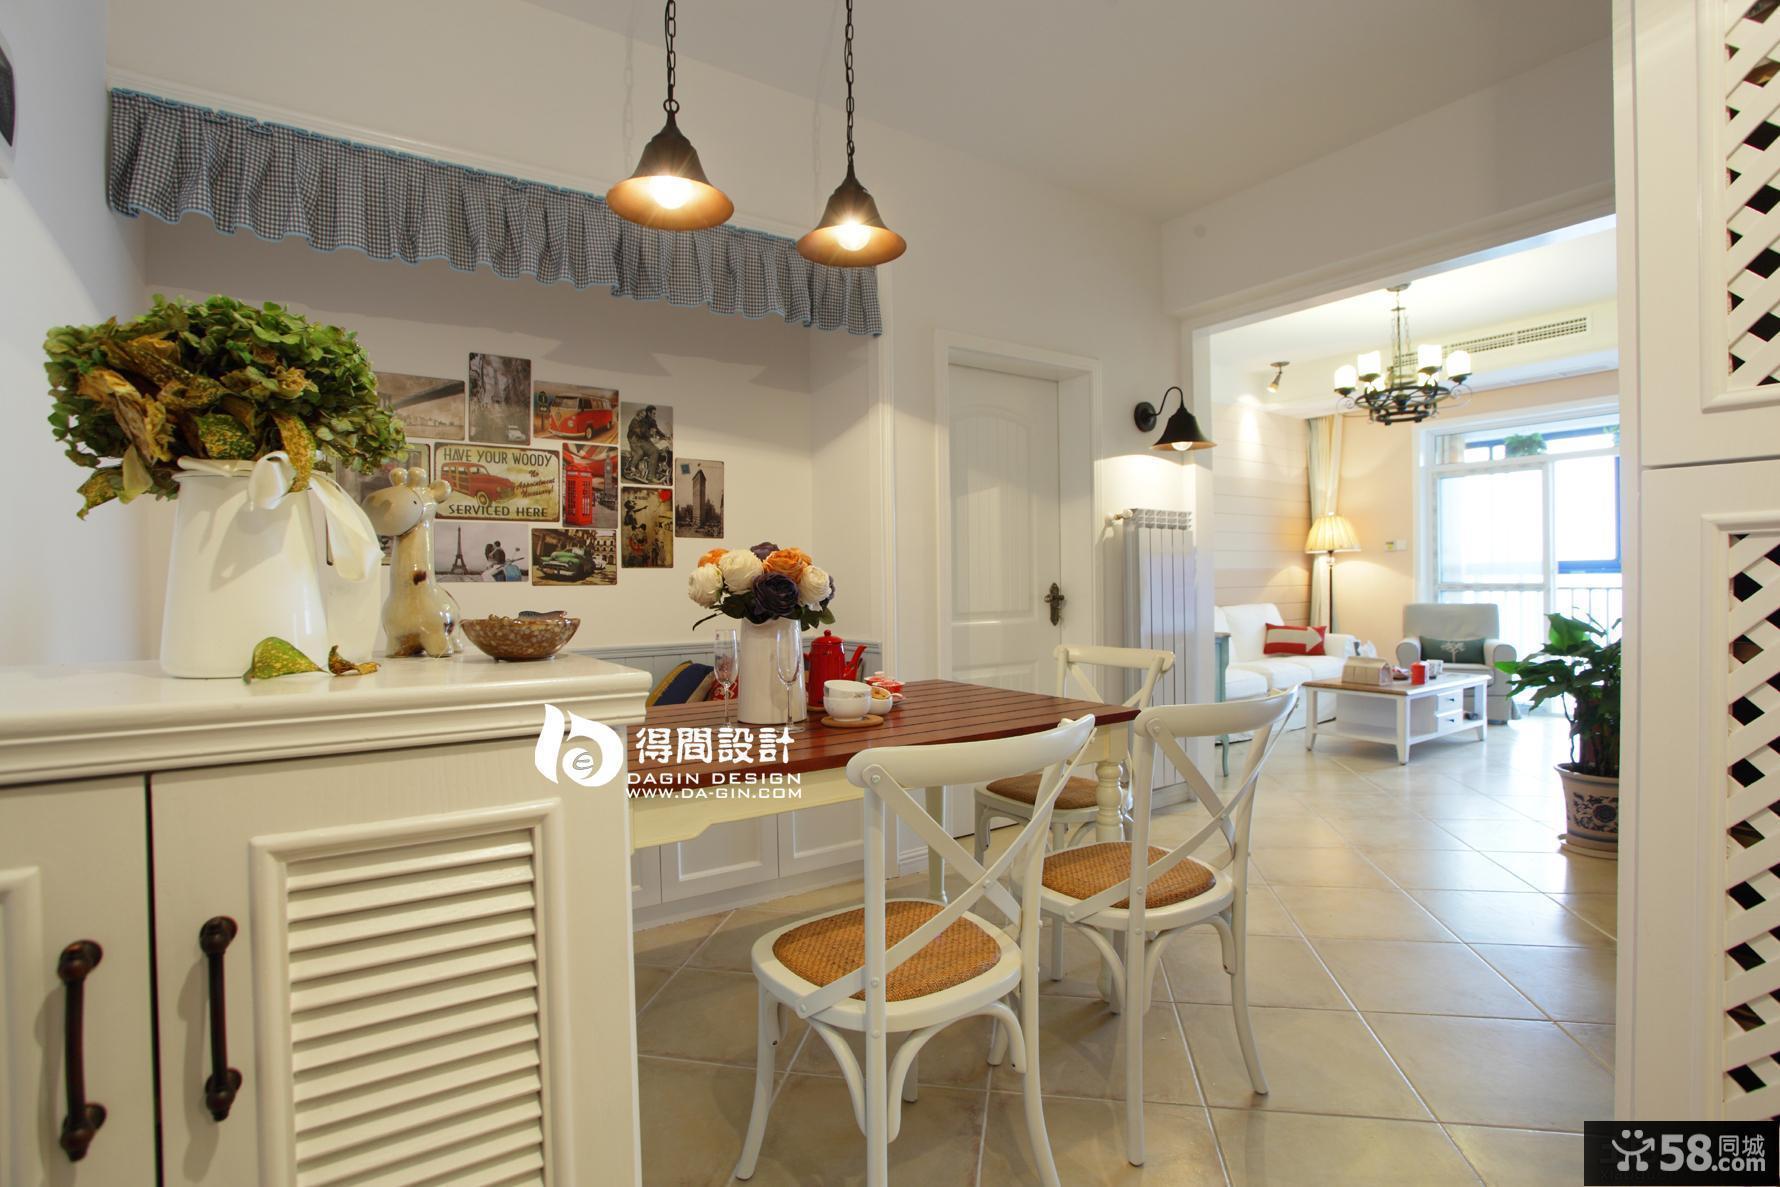 田园风格家装小餐厅效果图欣赏